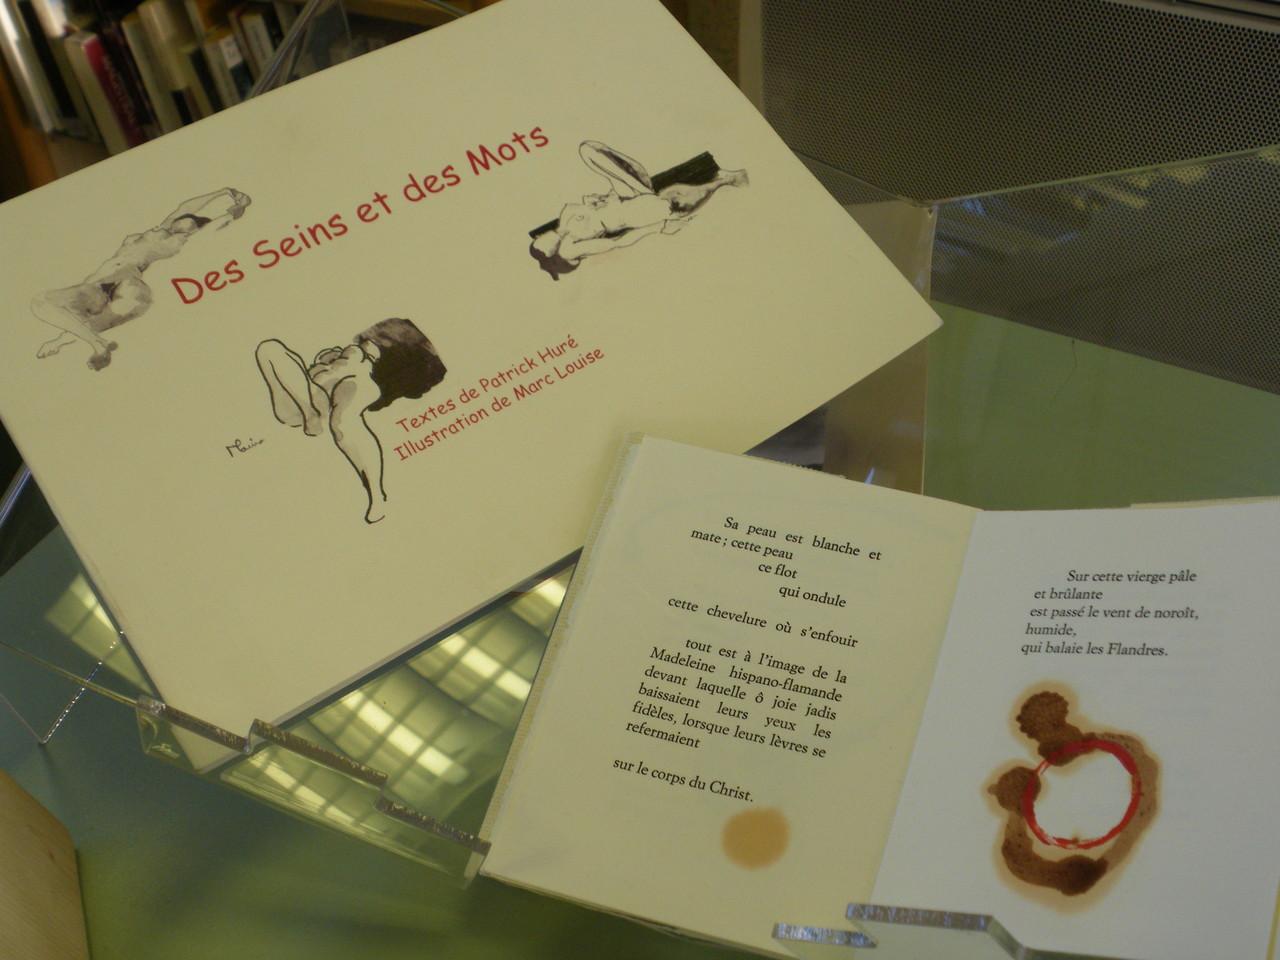 Livres d'artistes présentés à la bibliothèque de Bédée